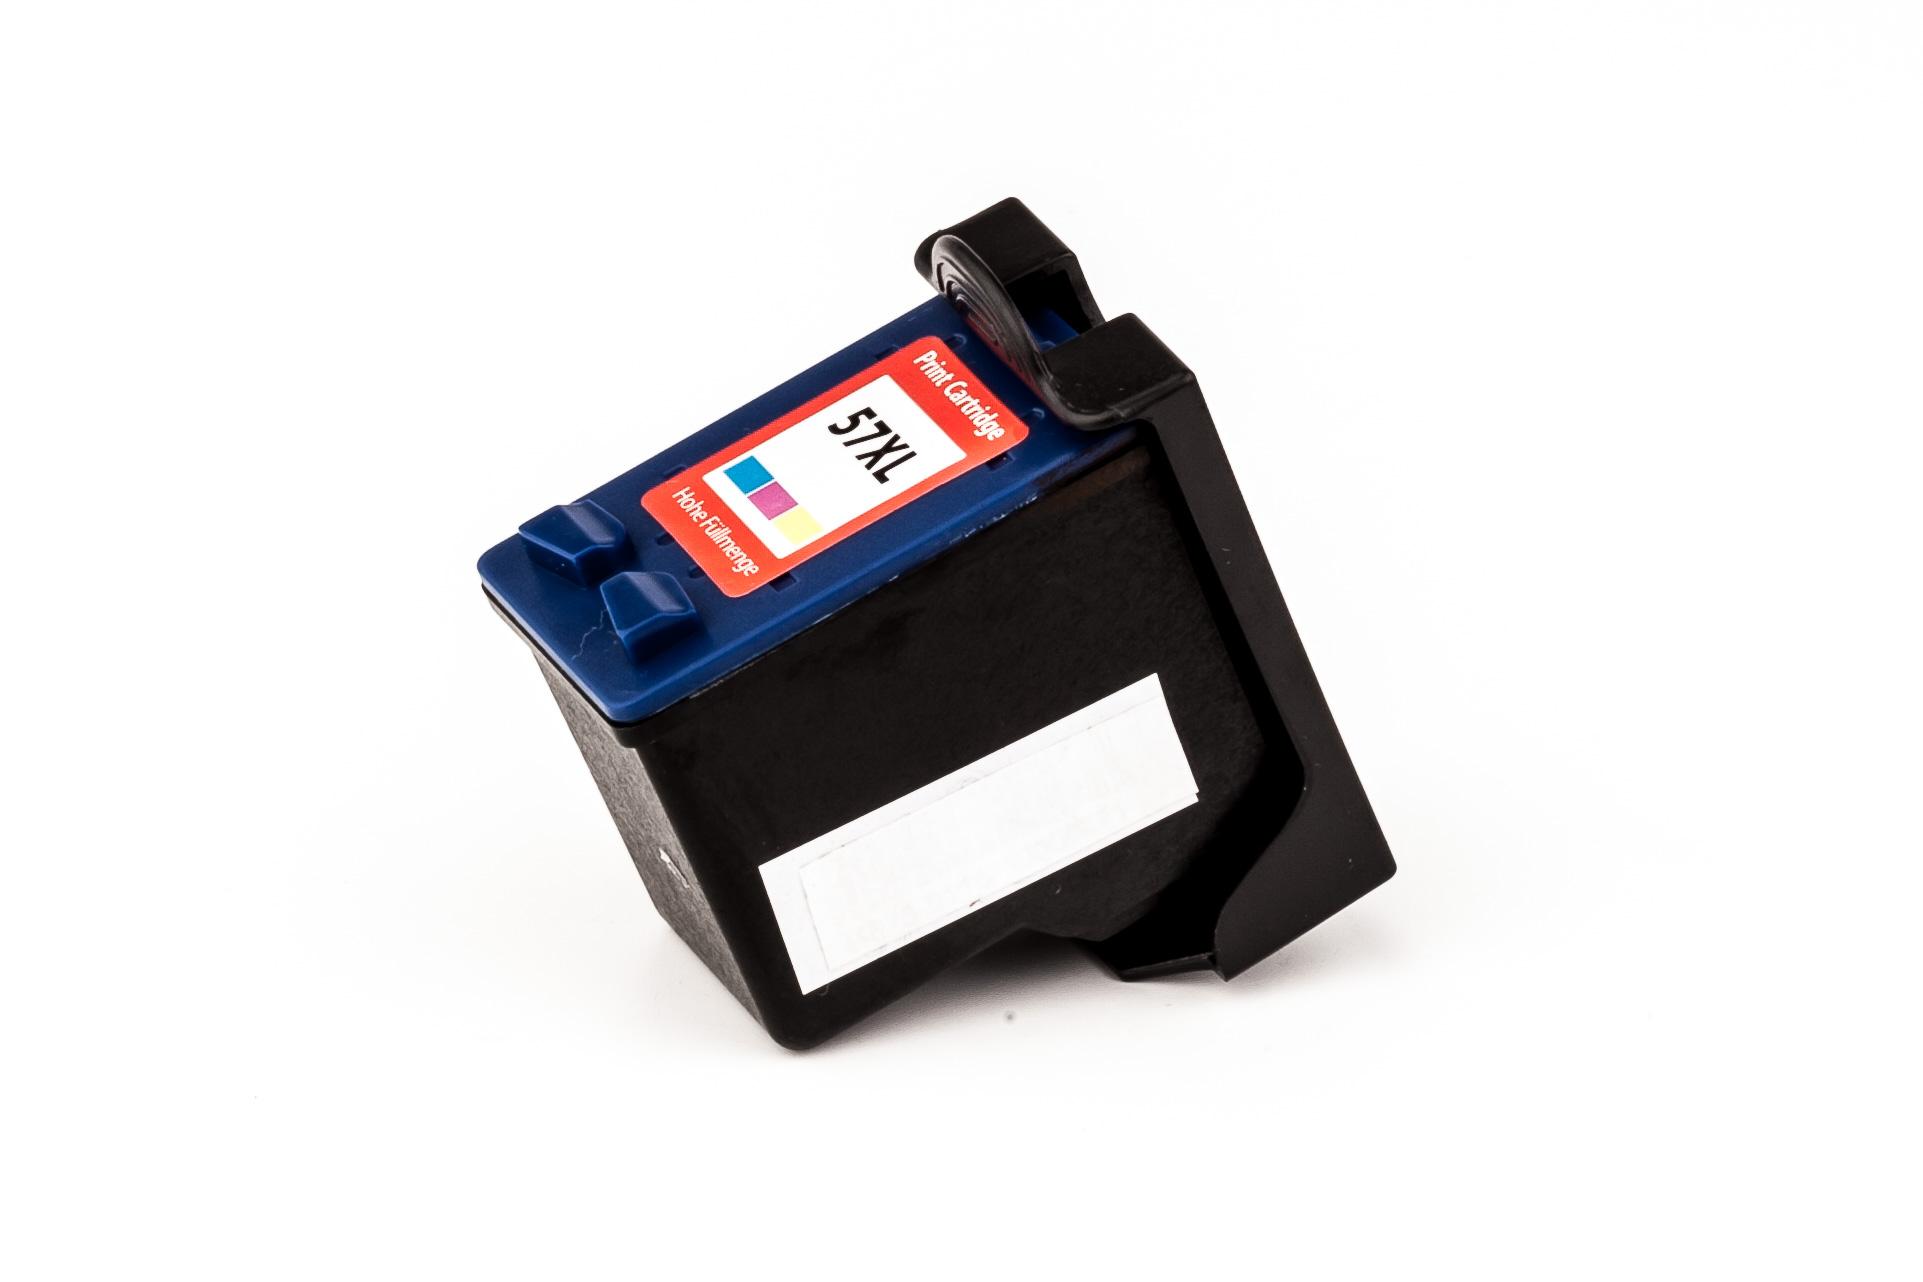 ASC-Premium-Druckkopf für Telecom Italia Fax Tizia Fax Tiziano FaxTiziano